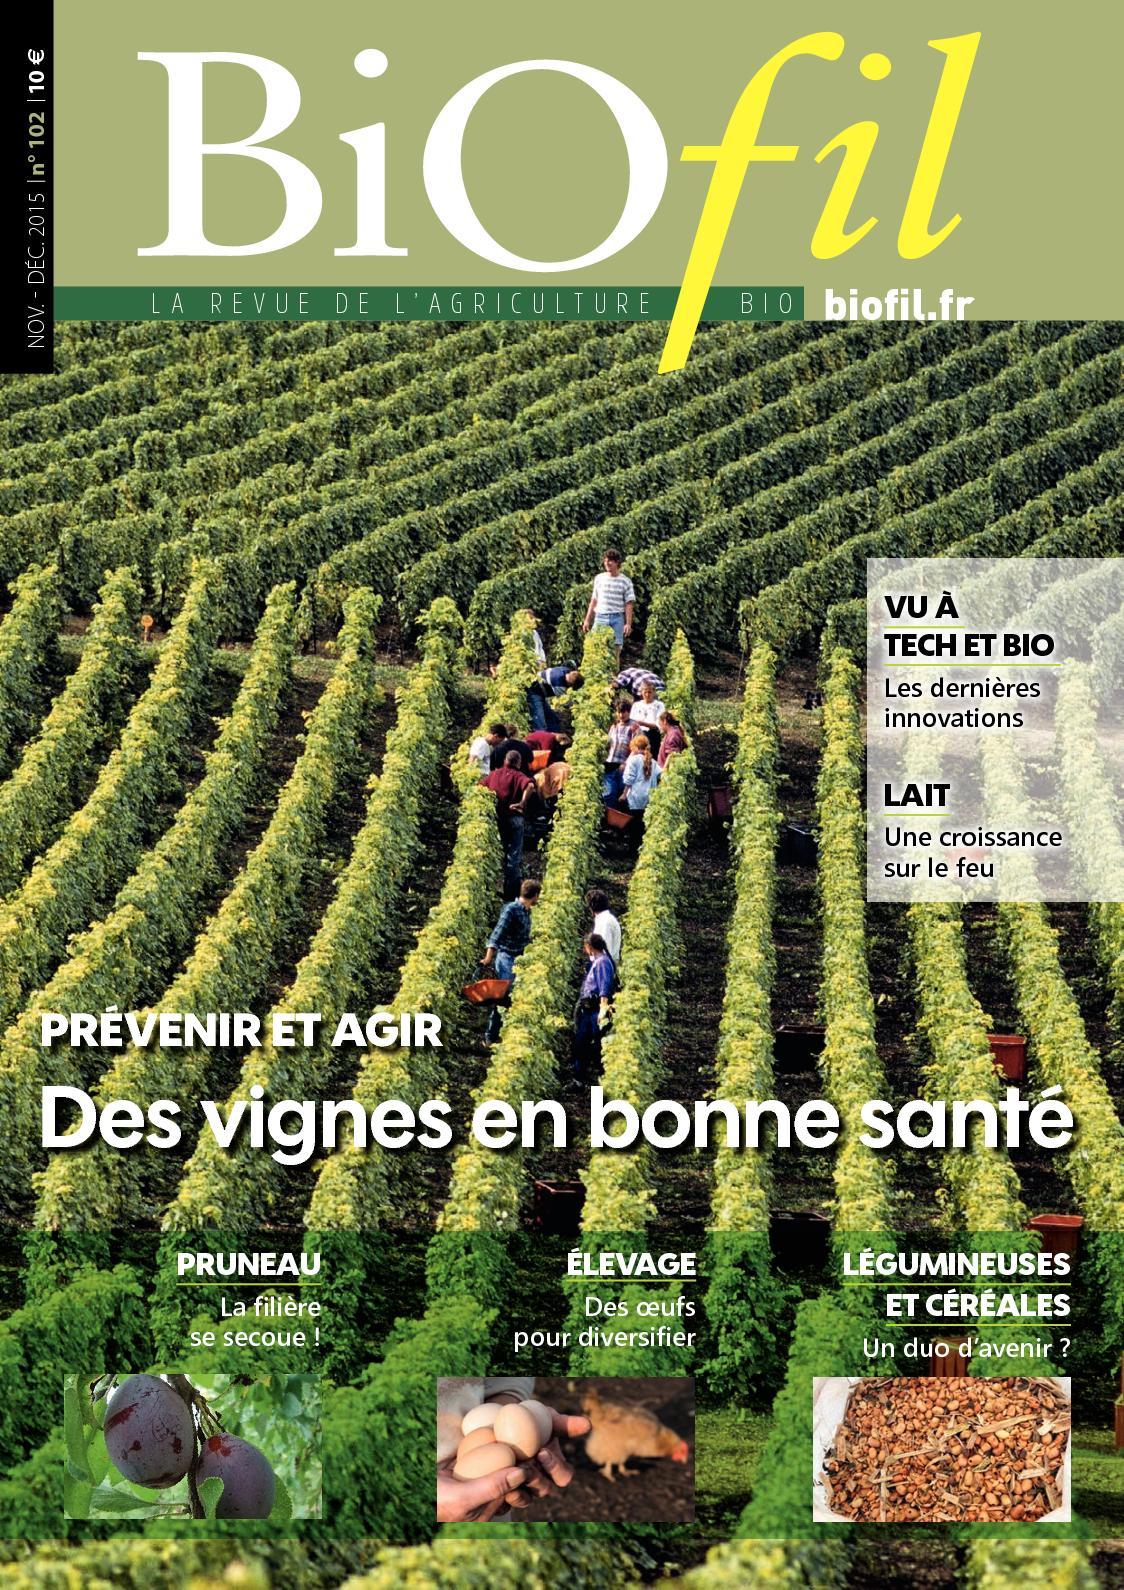 Graines de Tournesol Géant rare grosse fleur 100 graines viables Organic nain des taches solaires Yard